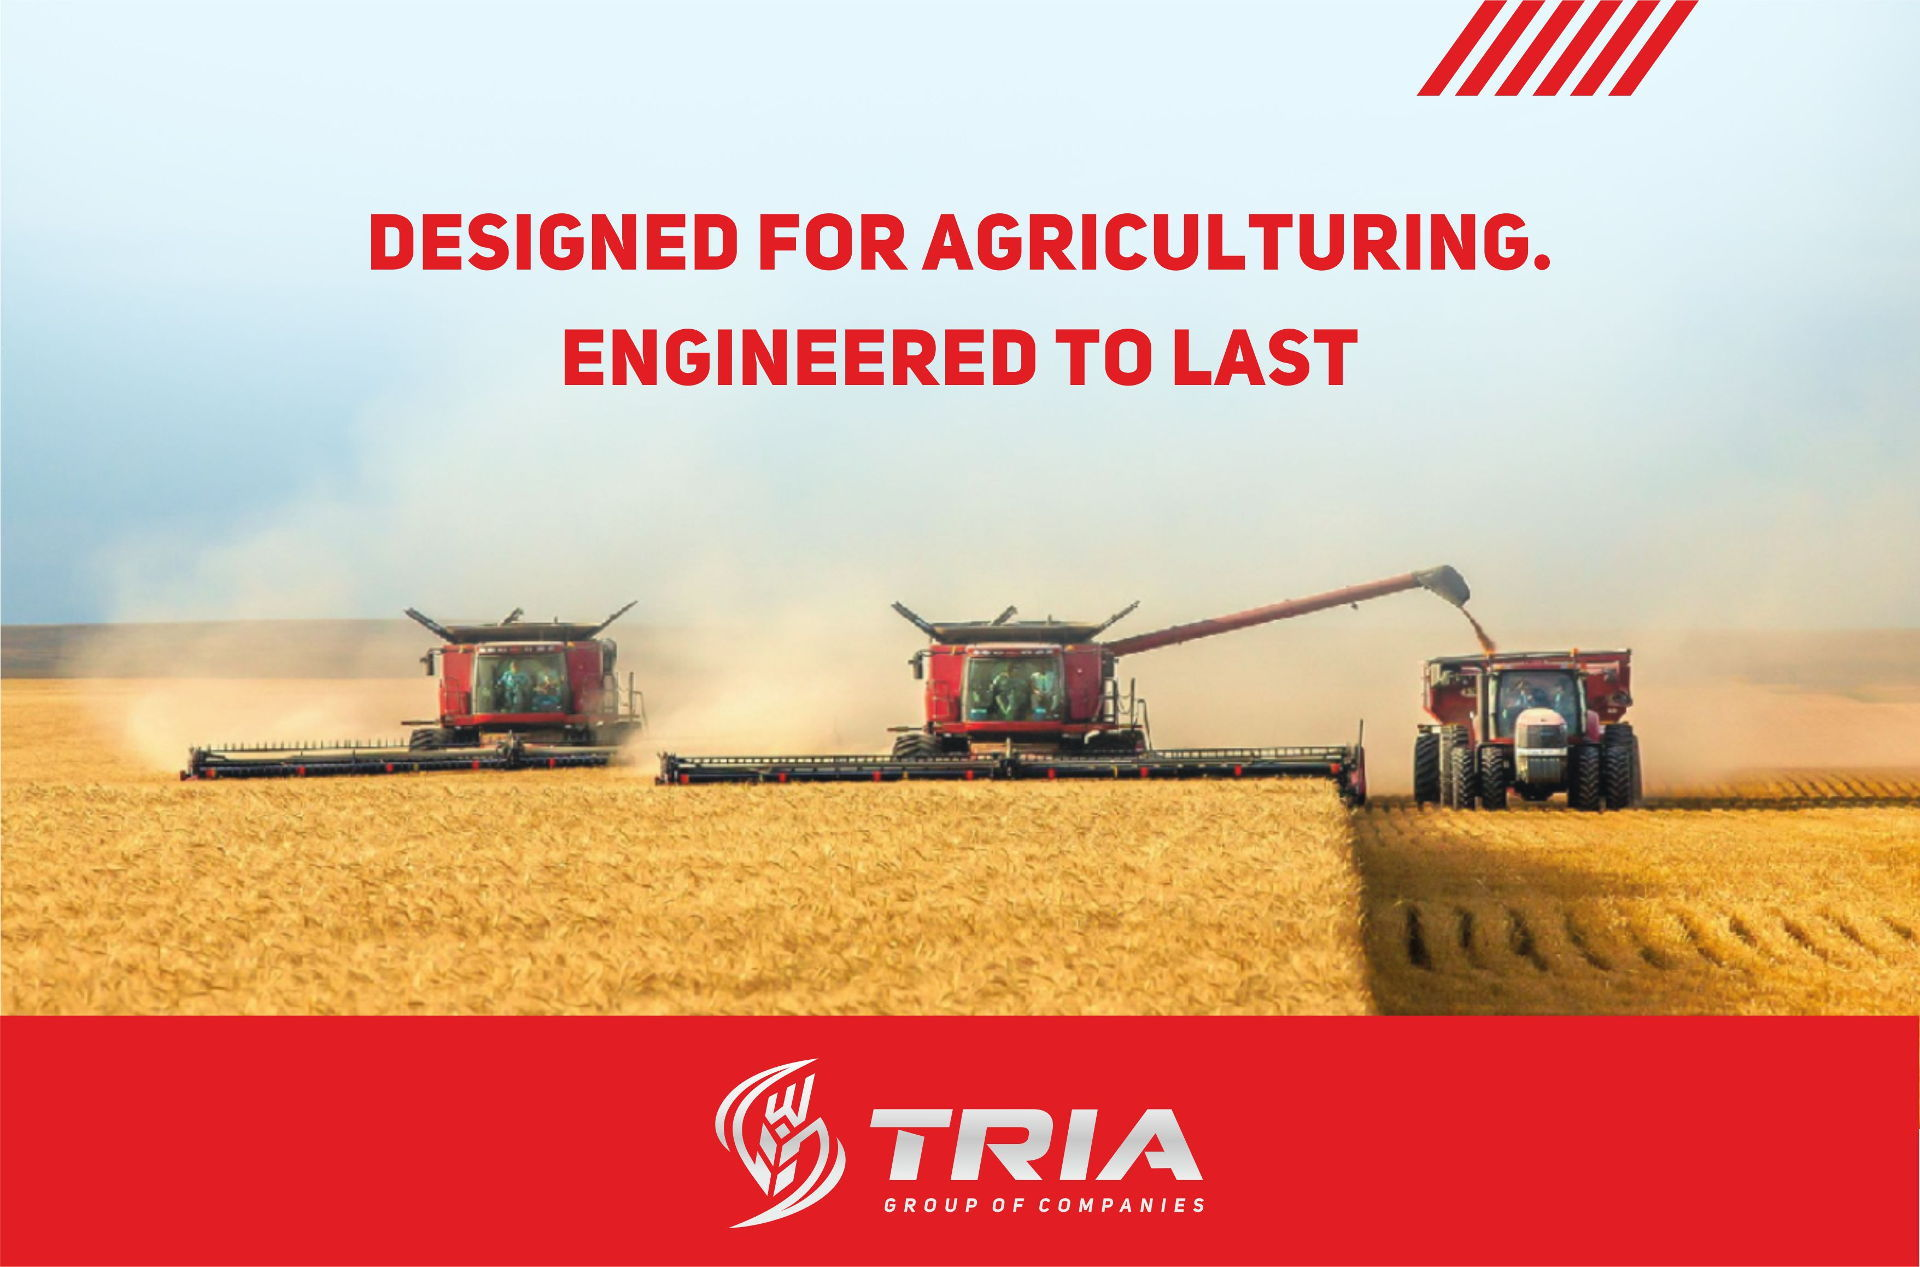 Logo сельскохозяйственной компании